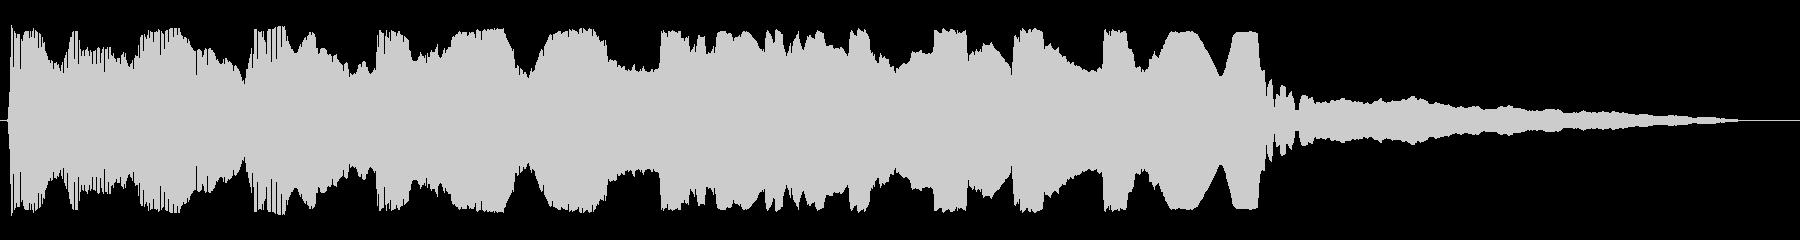 ポワンポワン(プロペラ)の未再生の波形